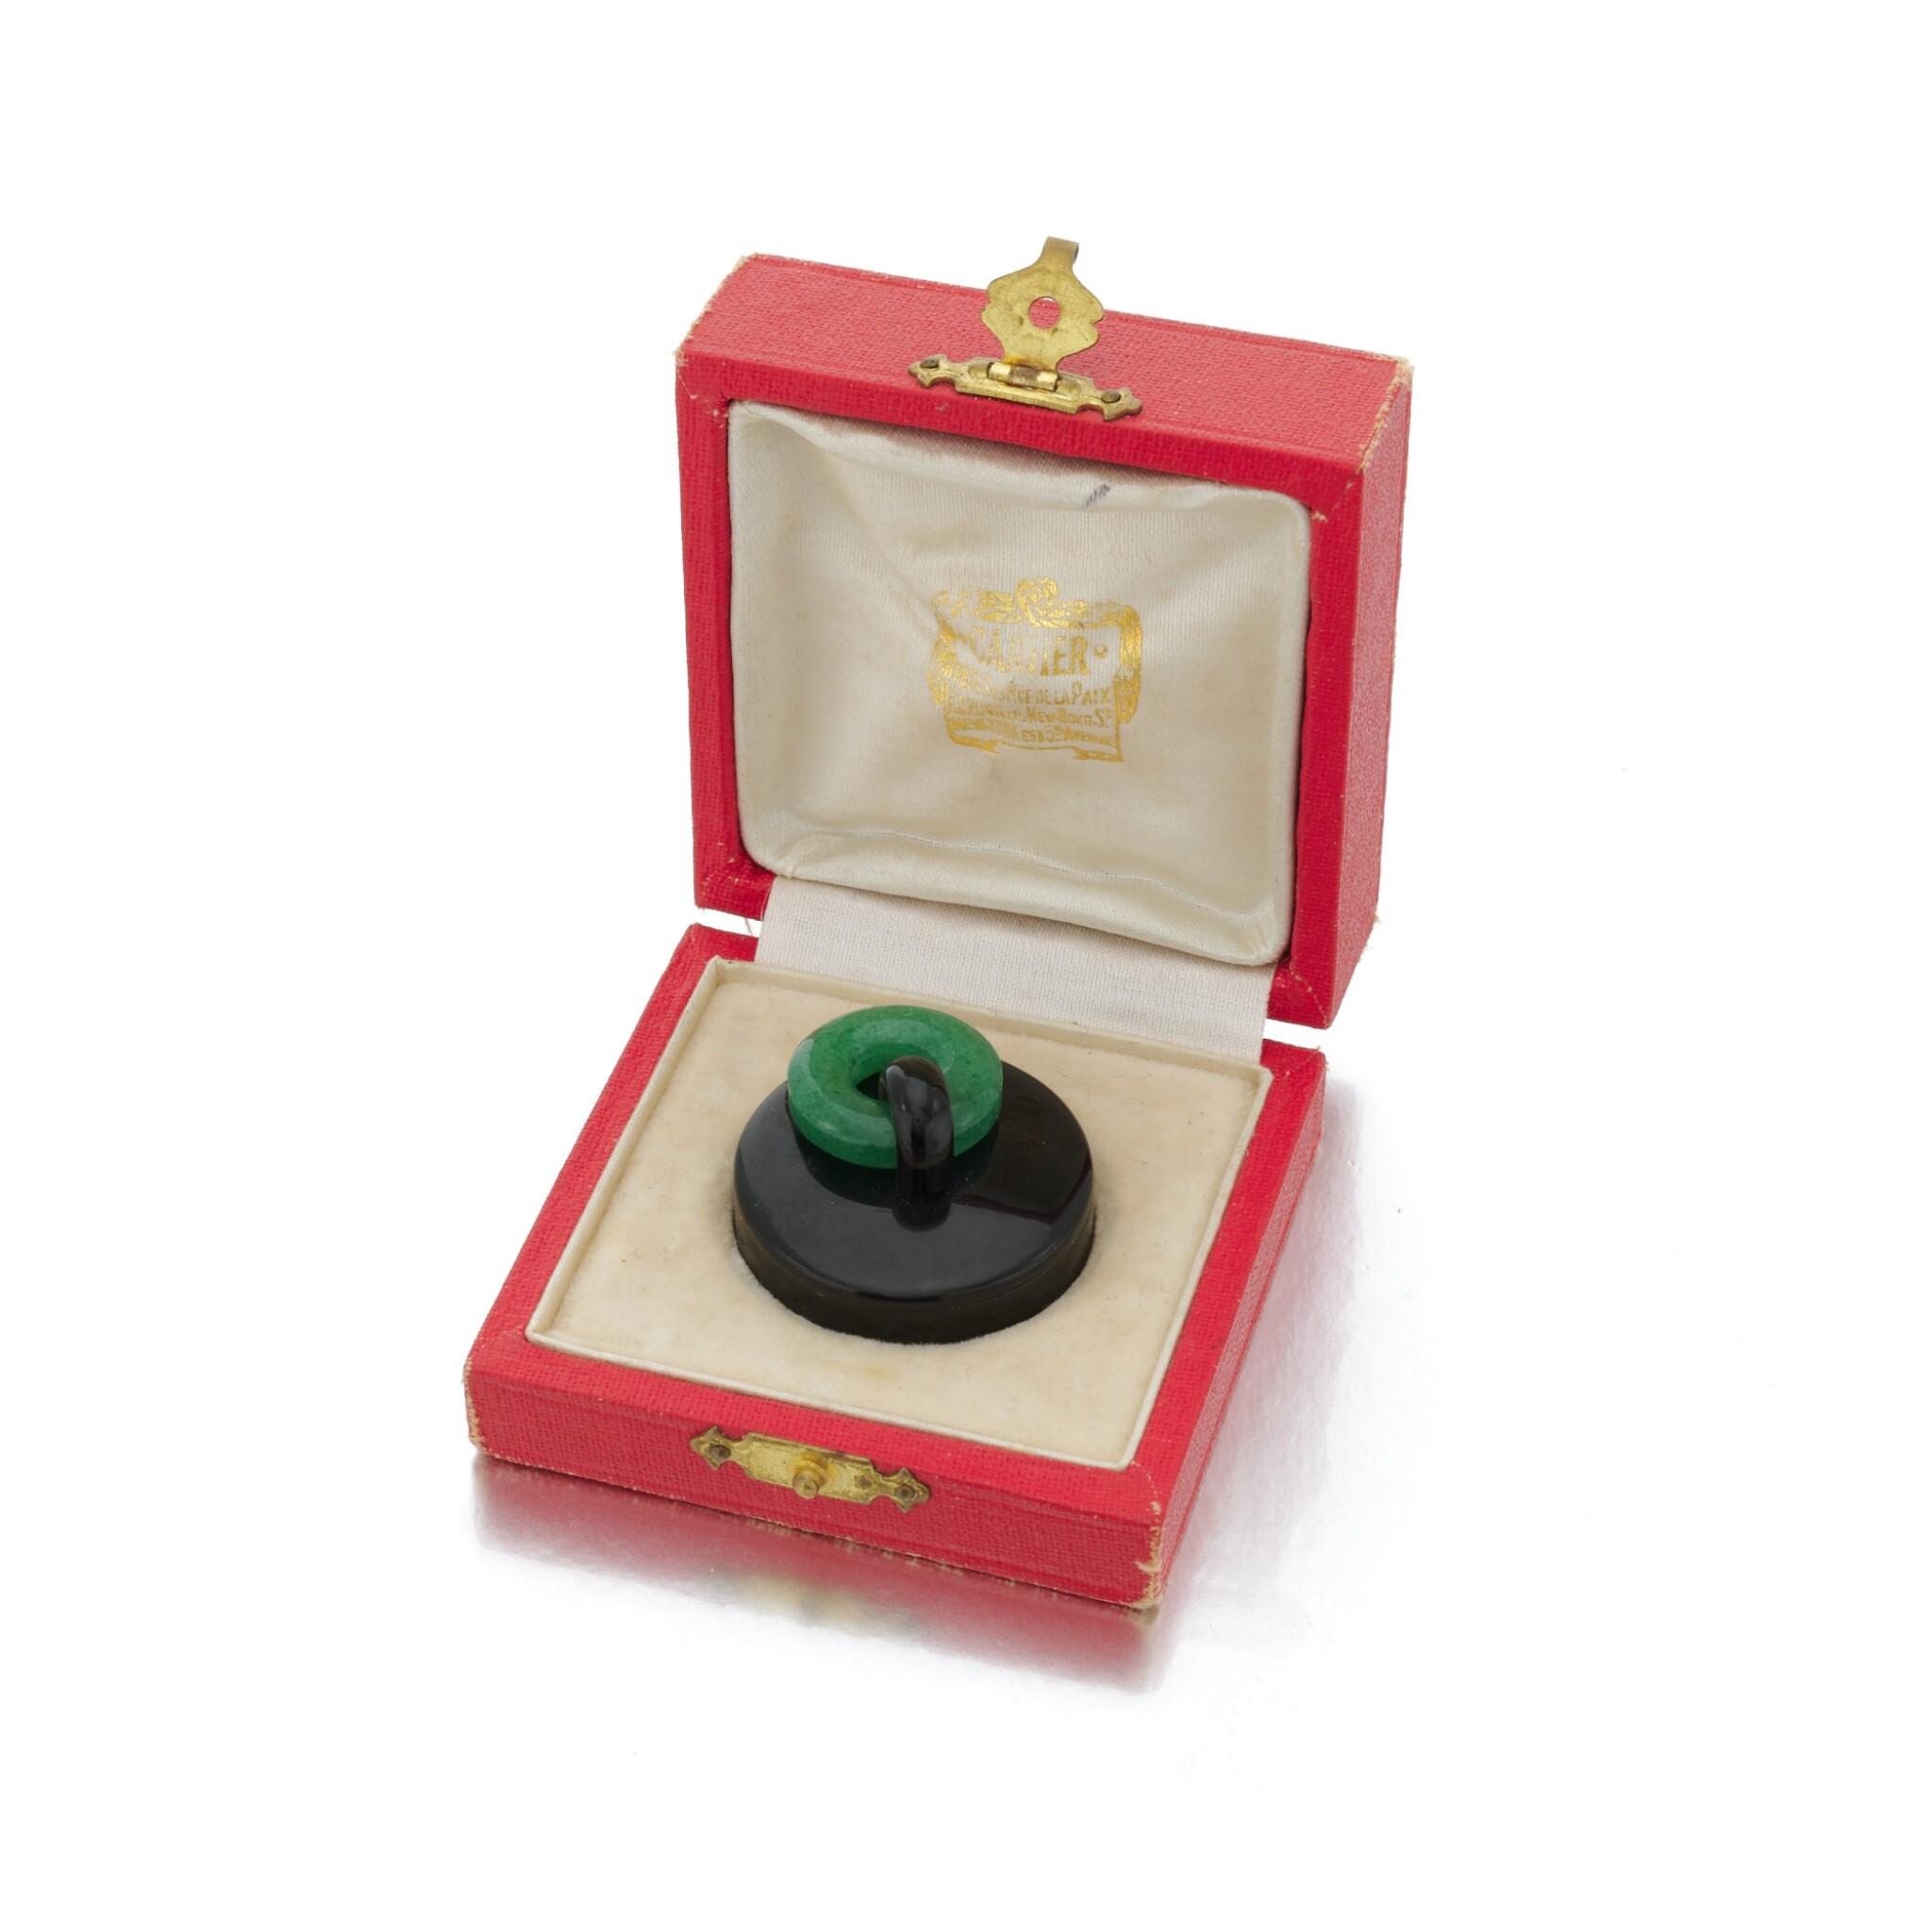 View 1 of Lot 23. Black enamel and adventurine quartz pill box (Porta pillole in smalto nero e quarzo avventurina).